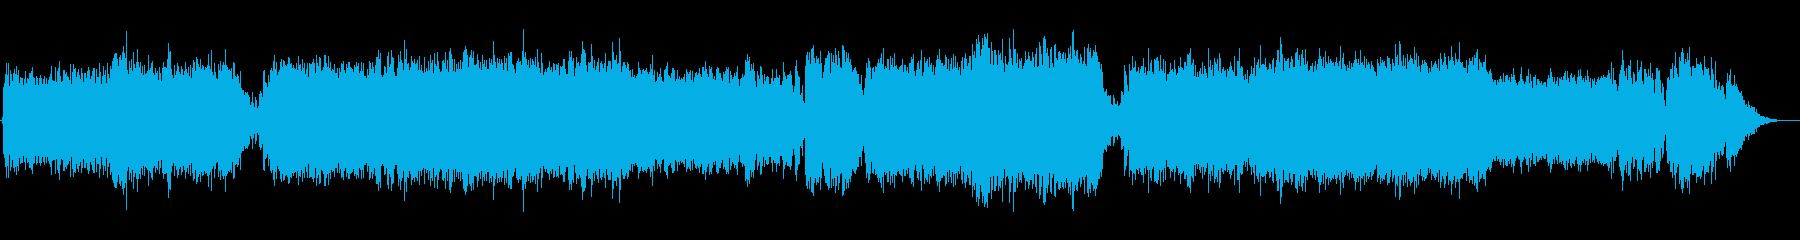 ハロウィン/クリスマス系怪しい雰囲気の曲の再生済みの波形